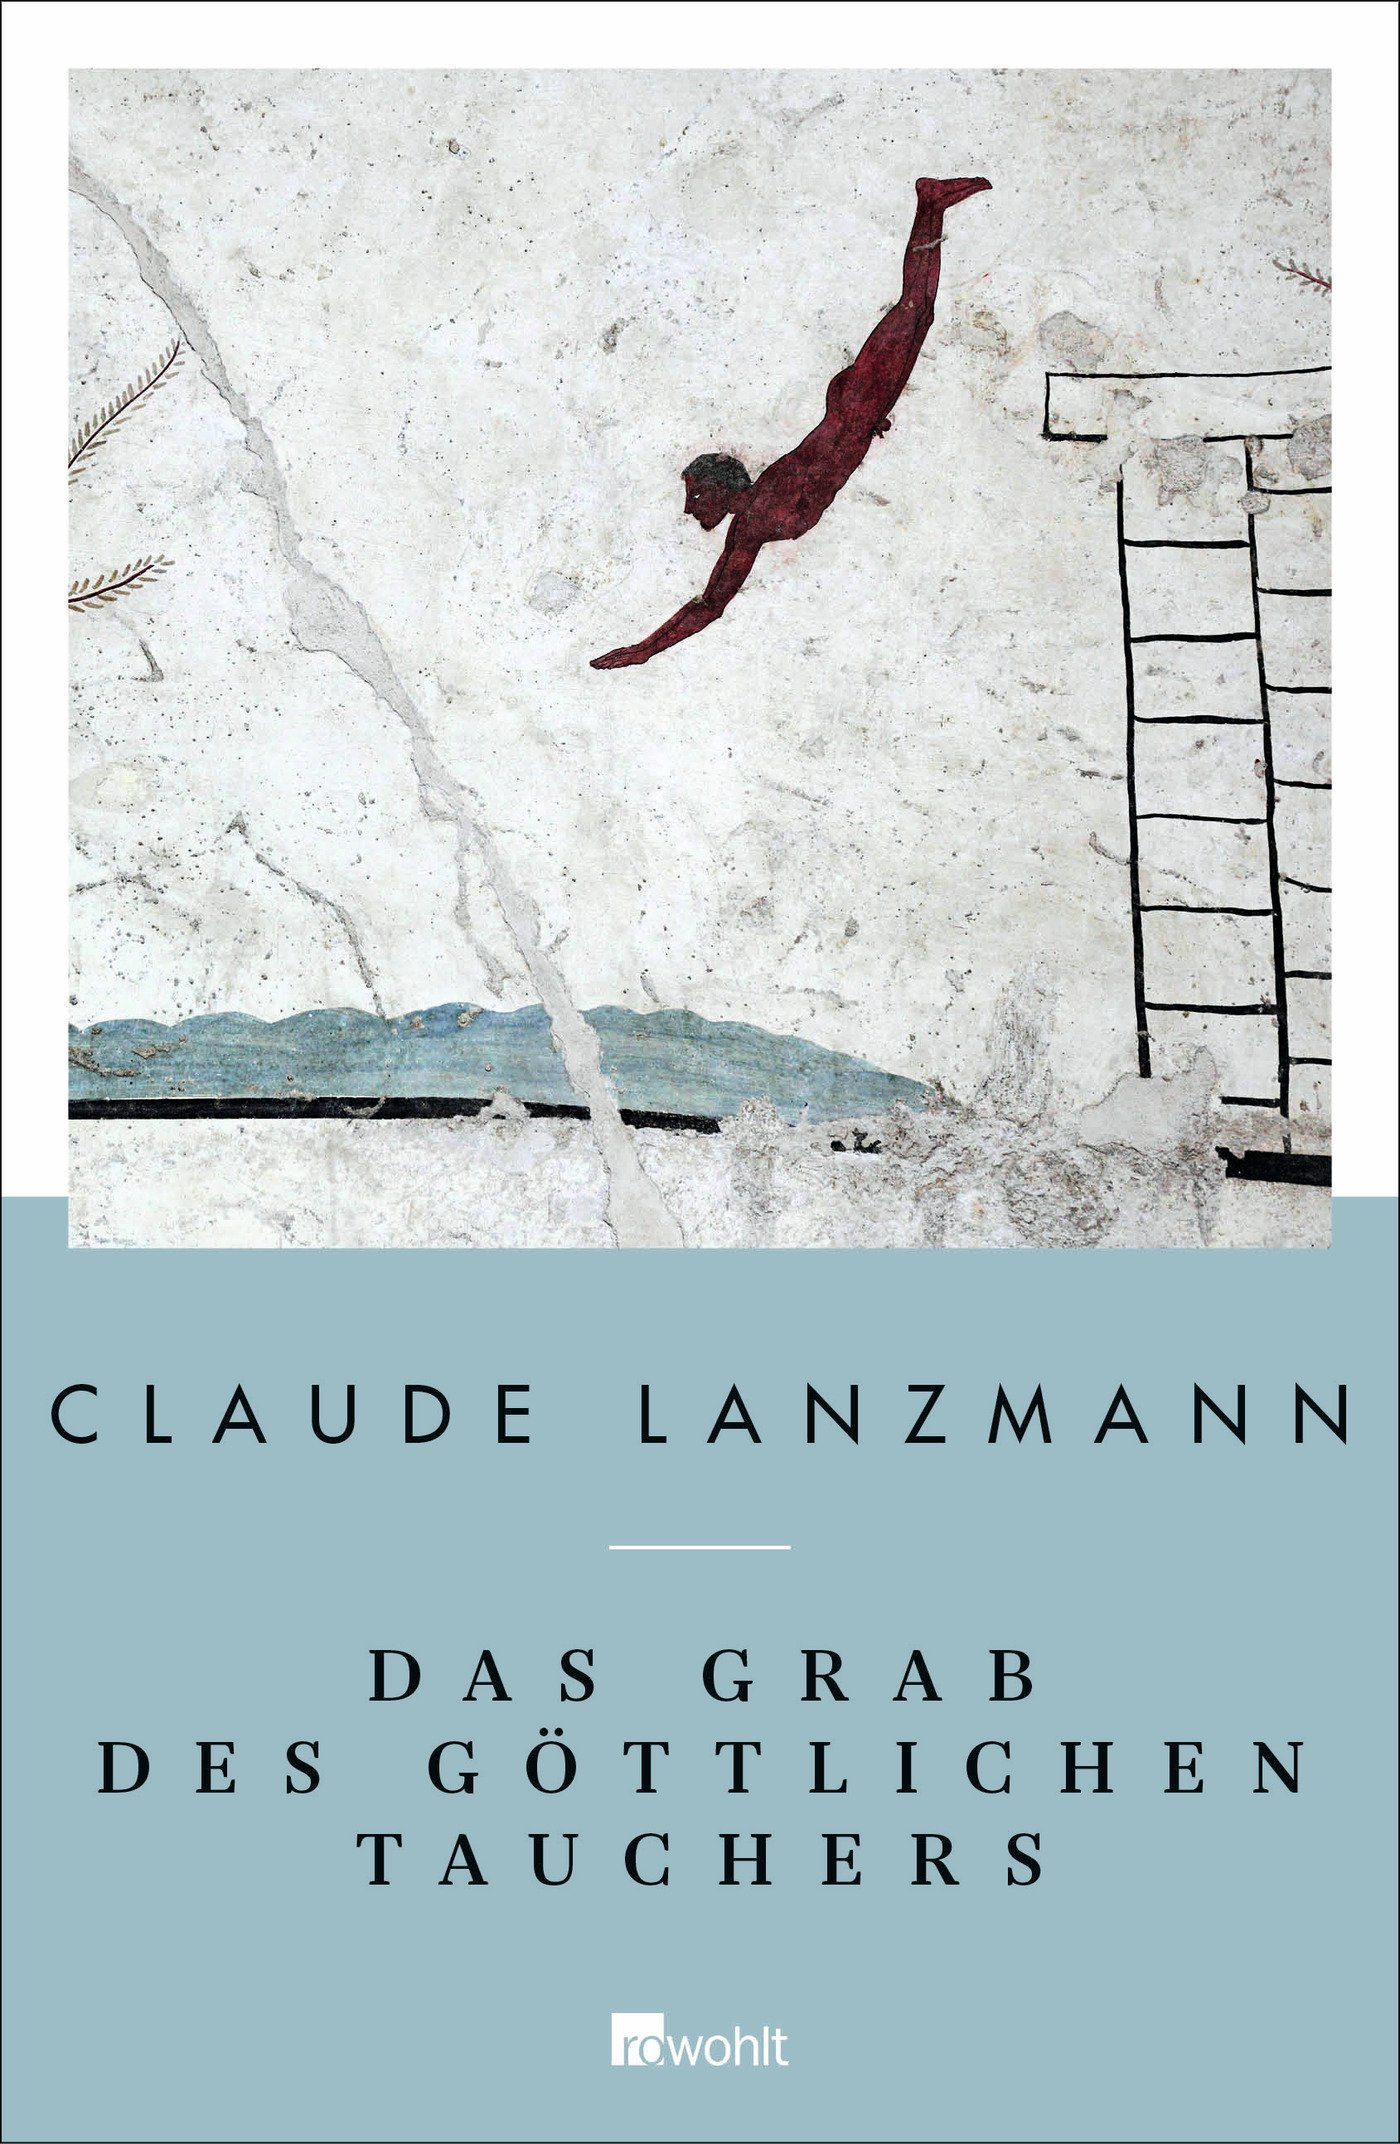 Das Grab des göttlichen Tauchers: Ausgewählte Texte Gebundenes Buch – 30. Oktober 2015 Claude Lanzmann Erich Wolfgang Skwara Rowohlt Buchverlag 3498039423